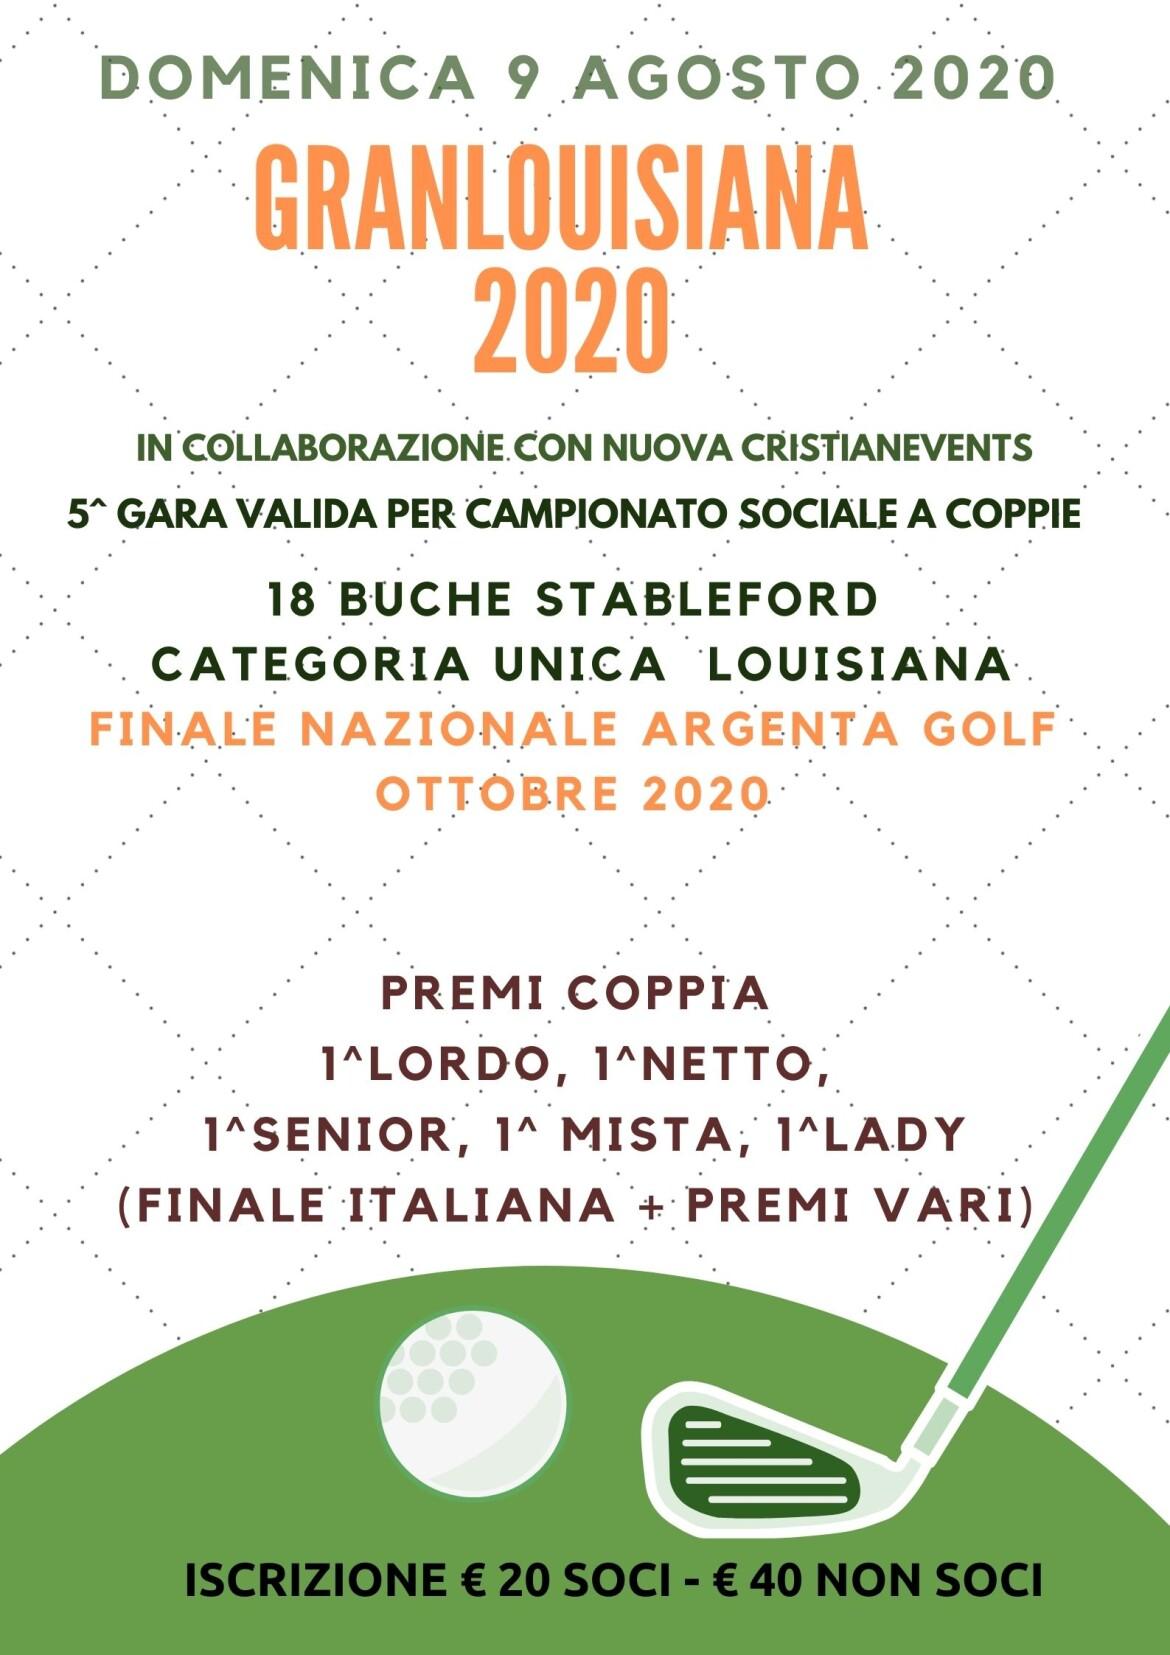 Granlouisiana 2020 by nuova Cristianevents